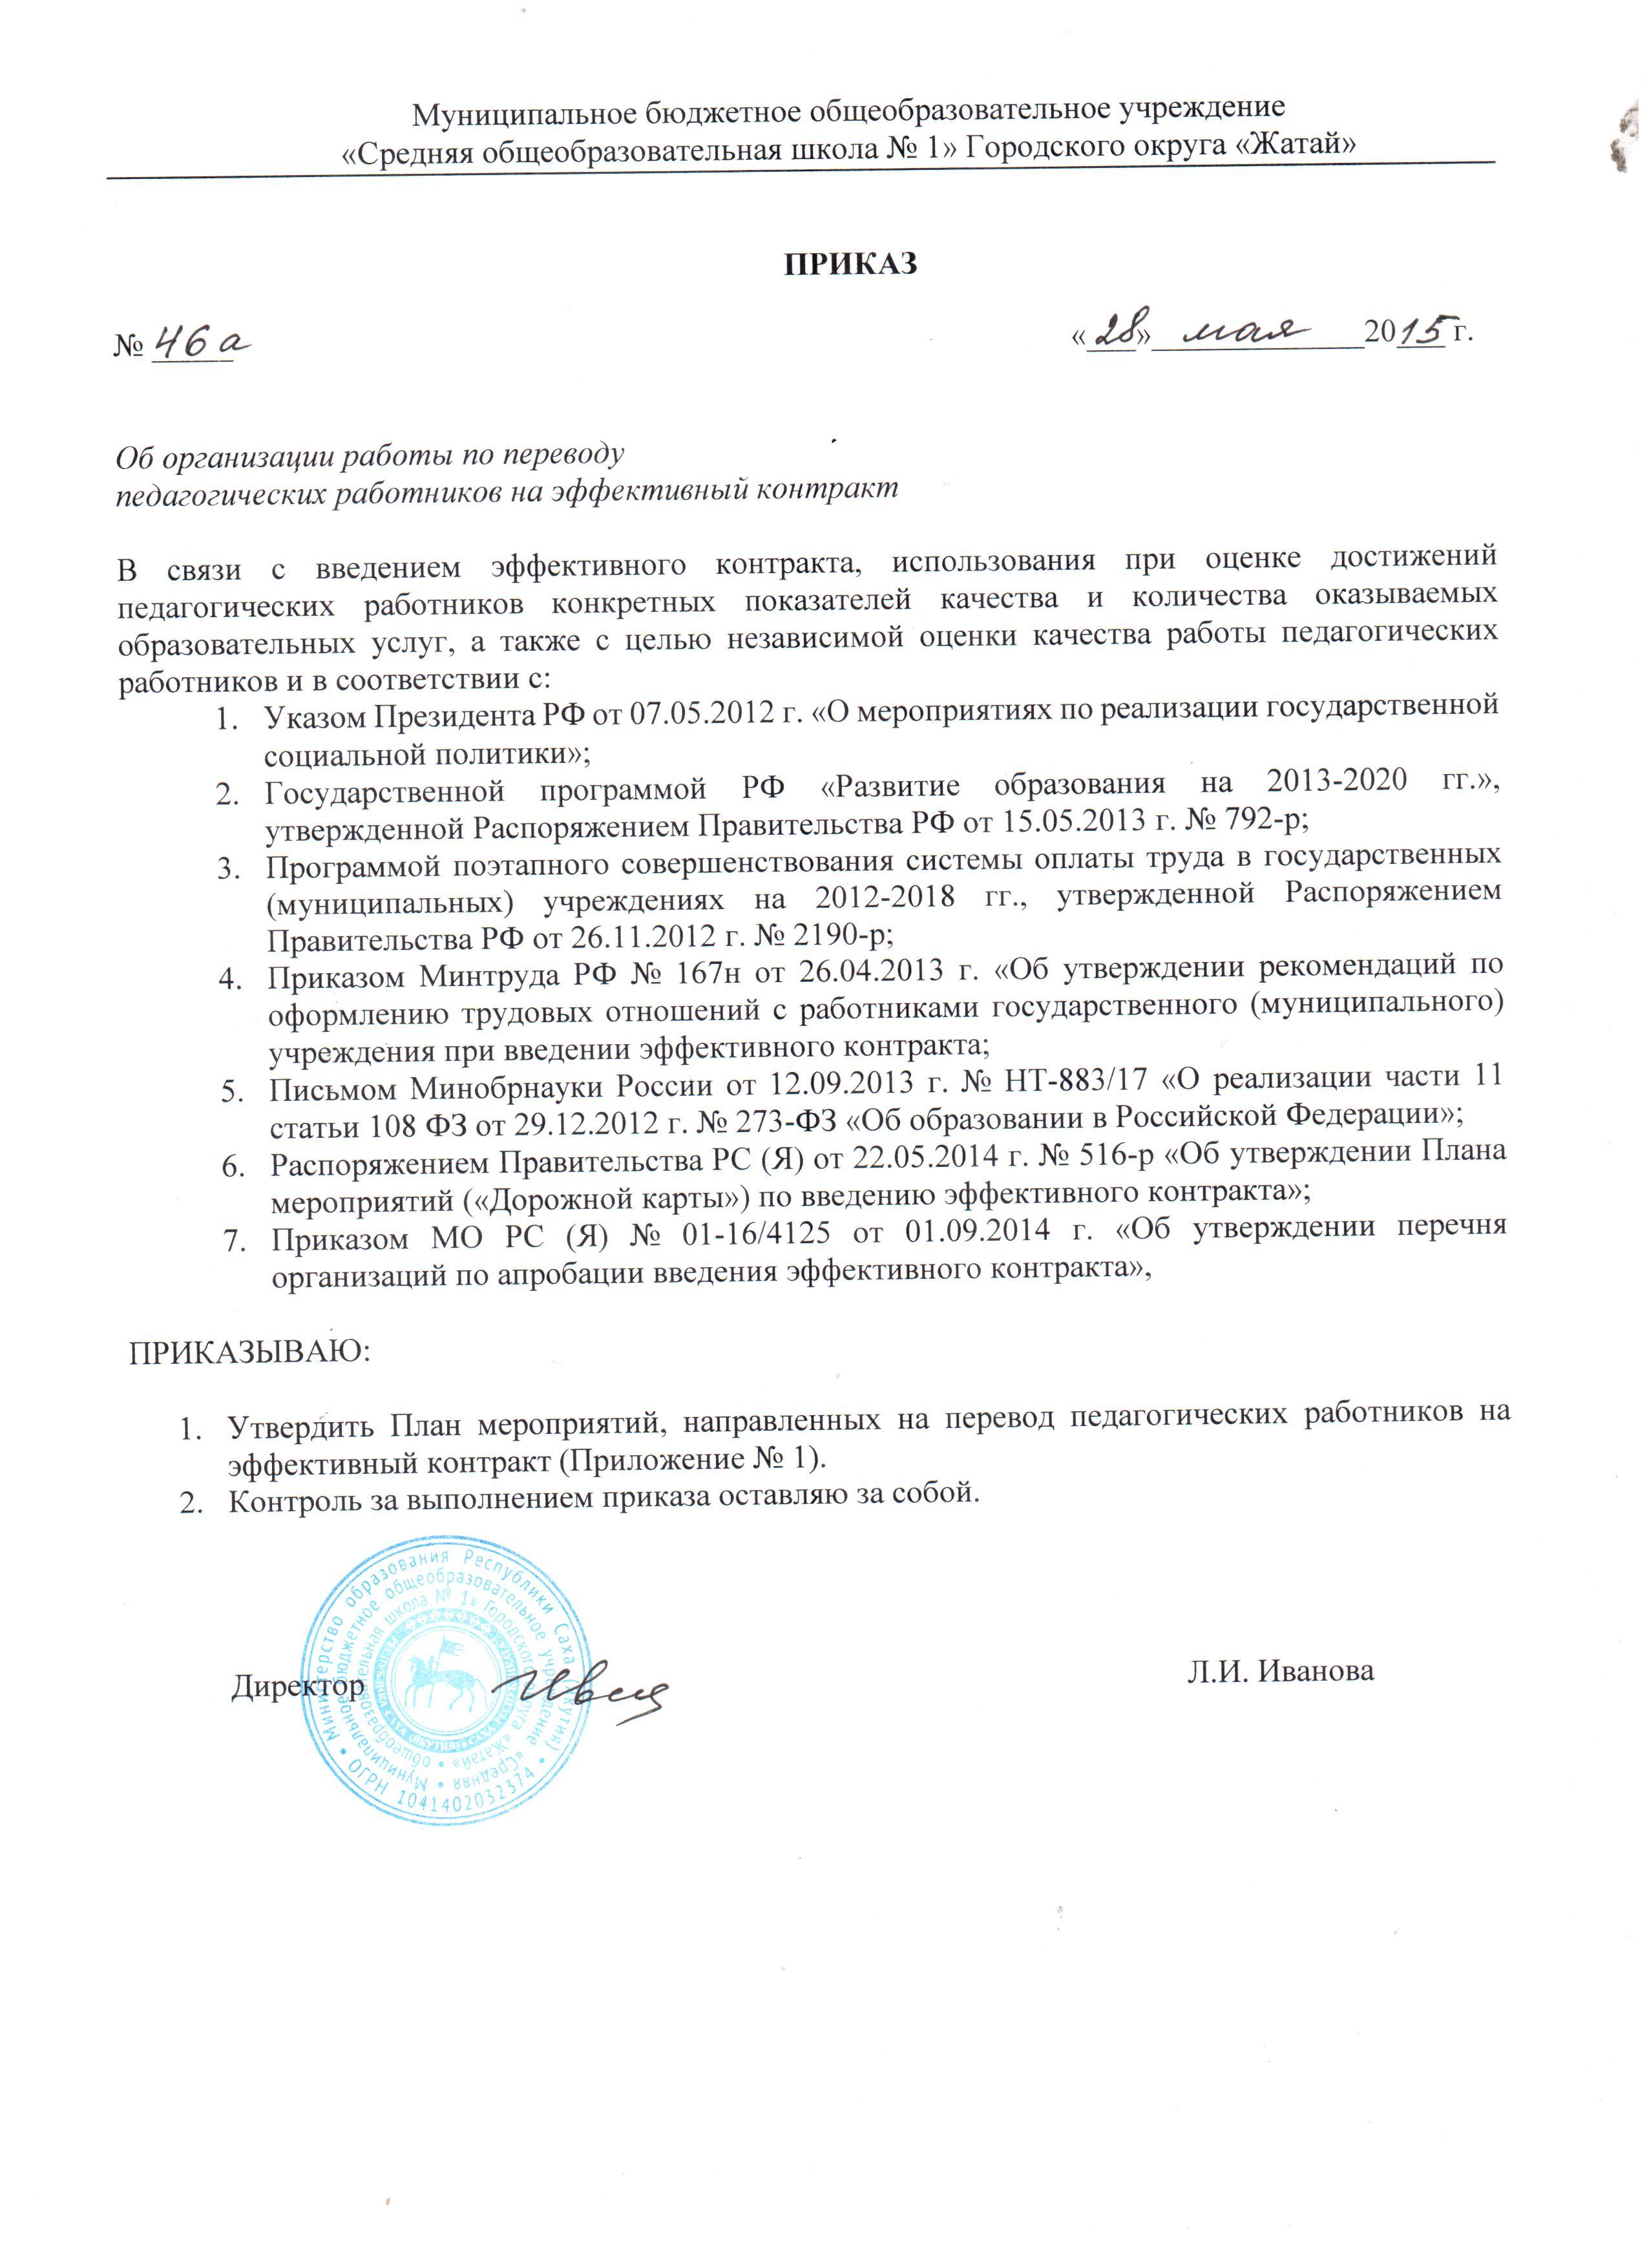 Органы исполнительной власти: Министерство